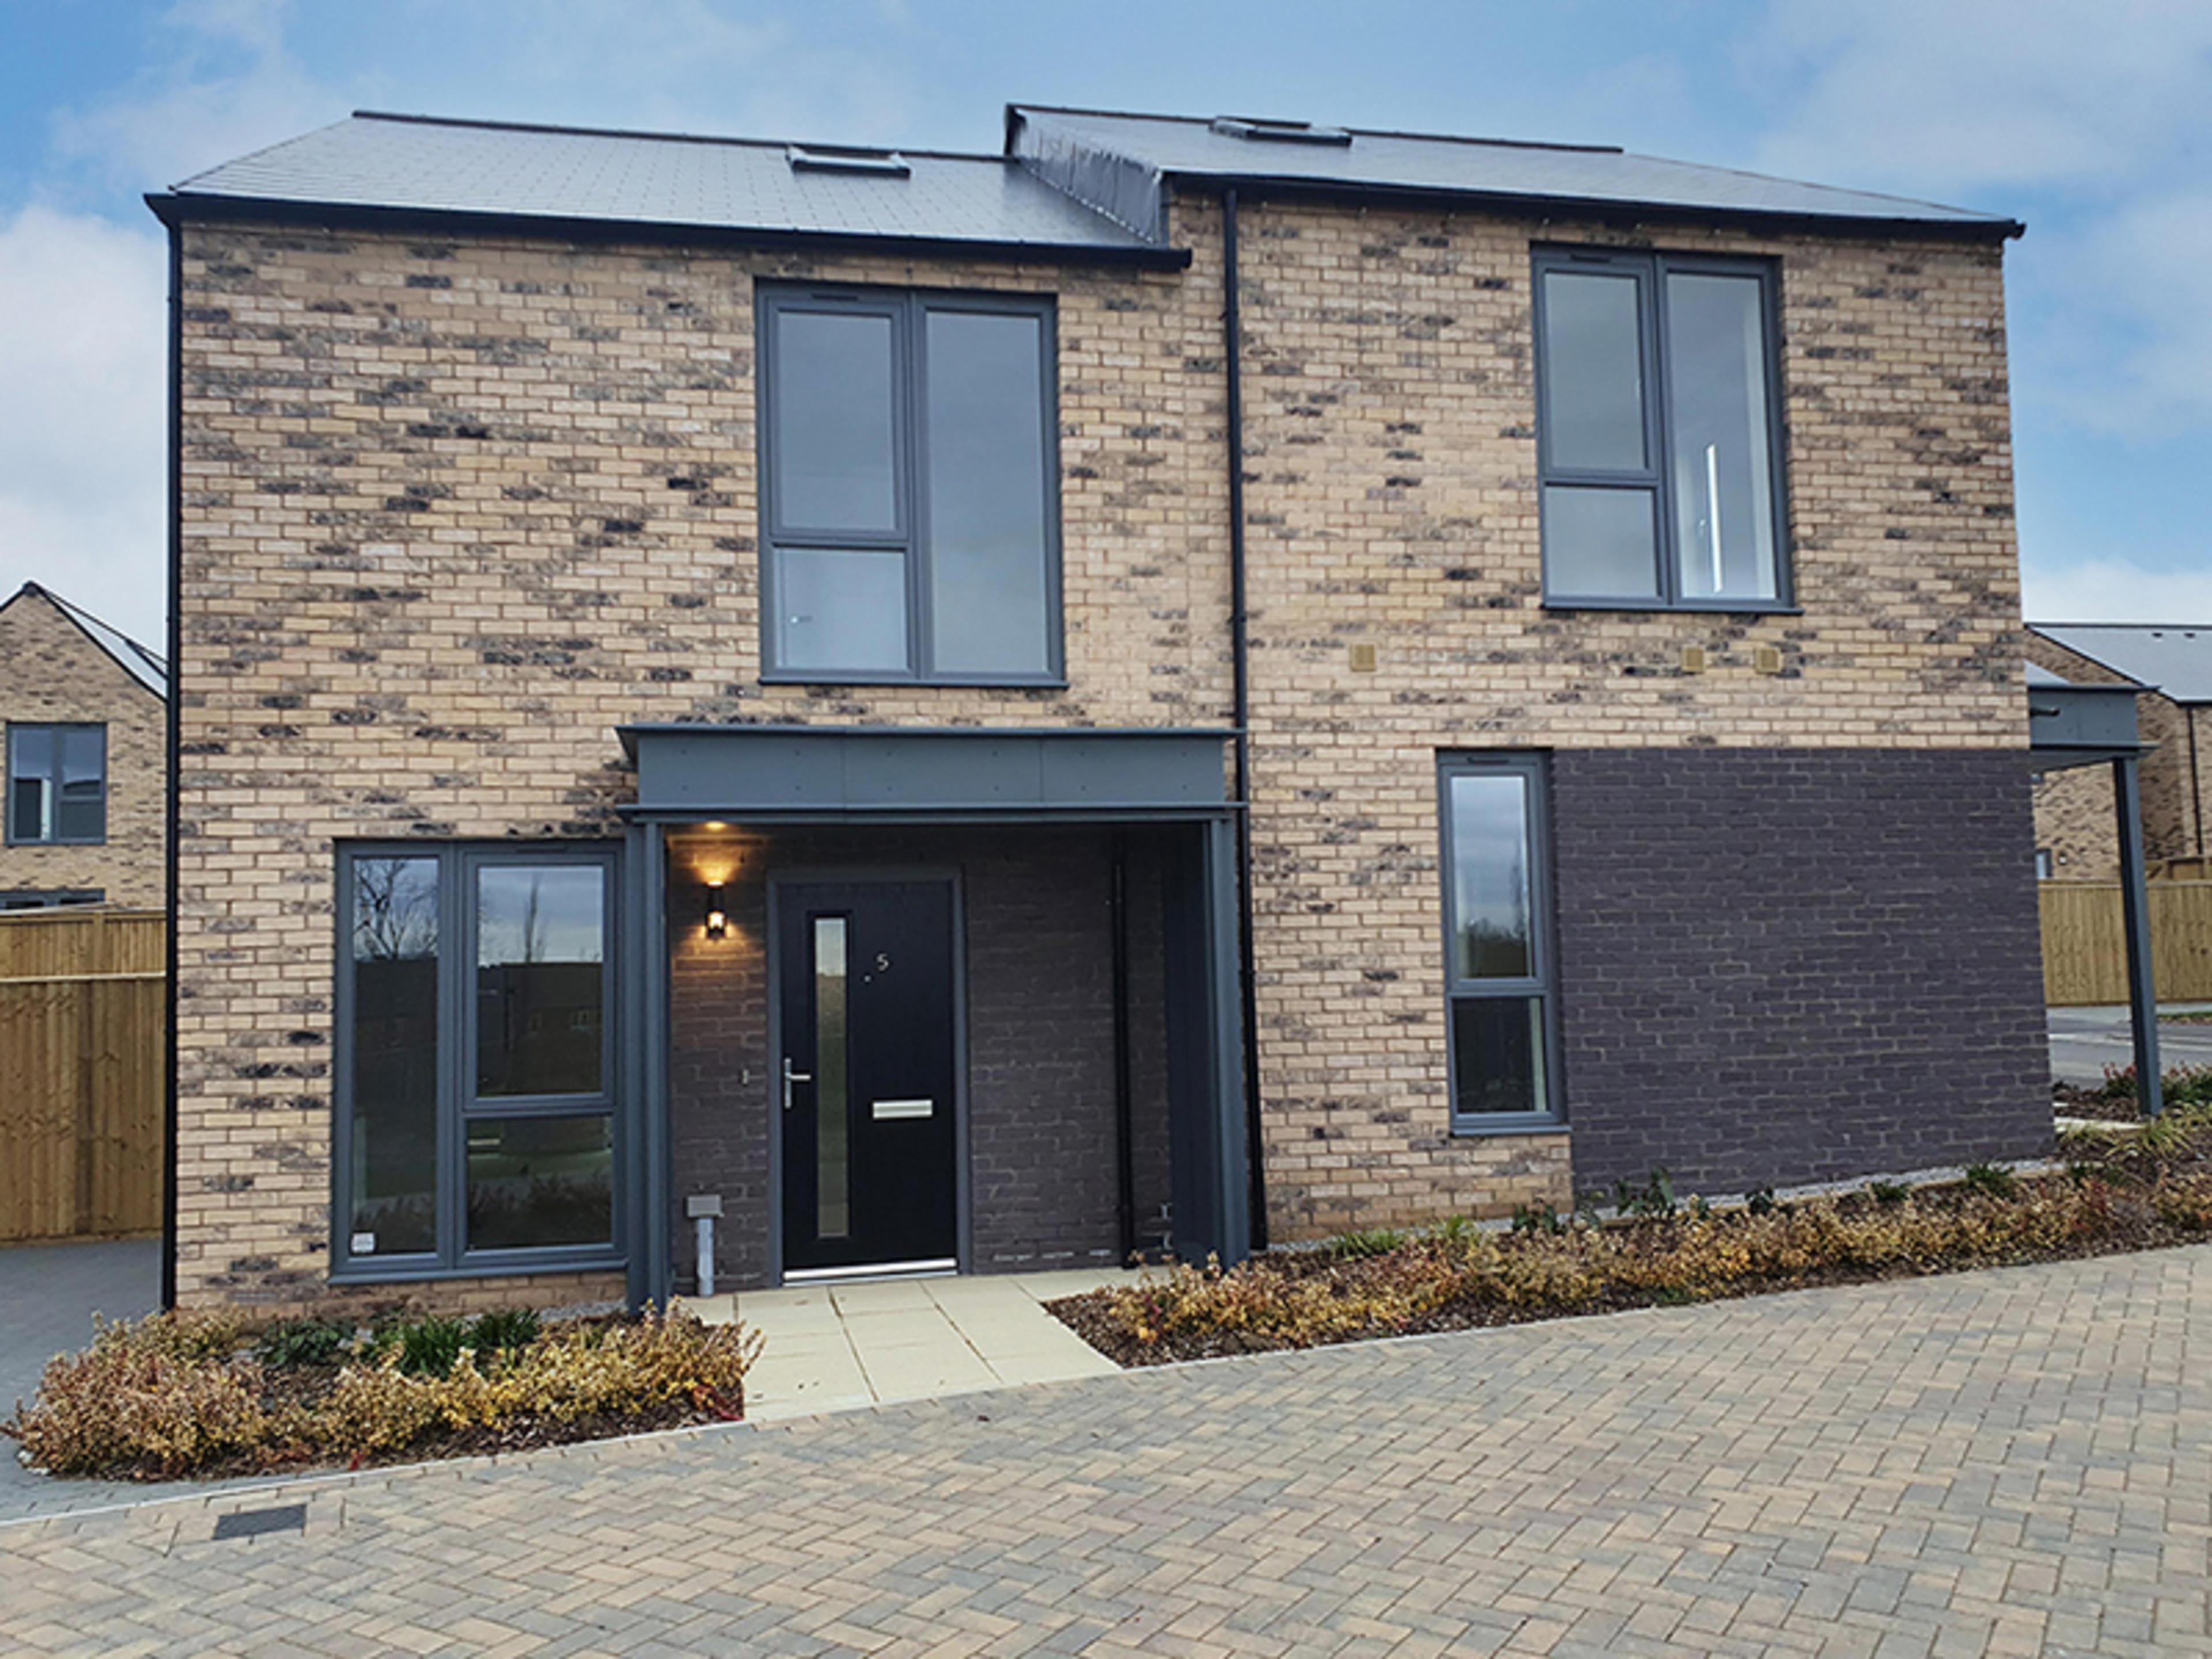 watling-grange-harrogate-finchale-2-bed-home-external-1